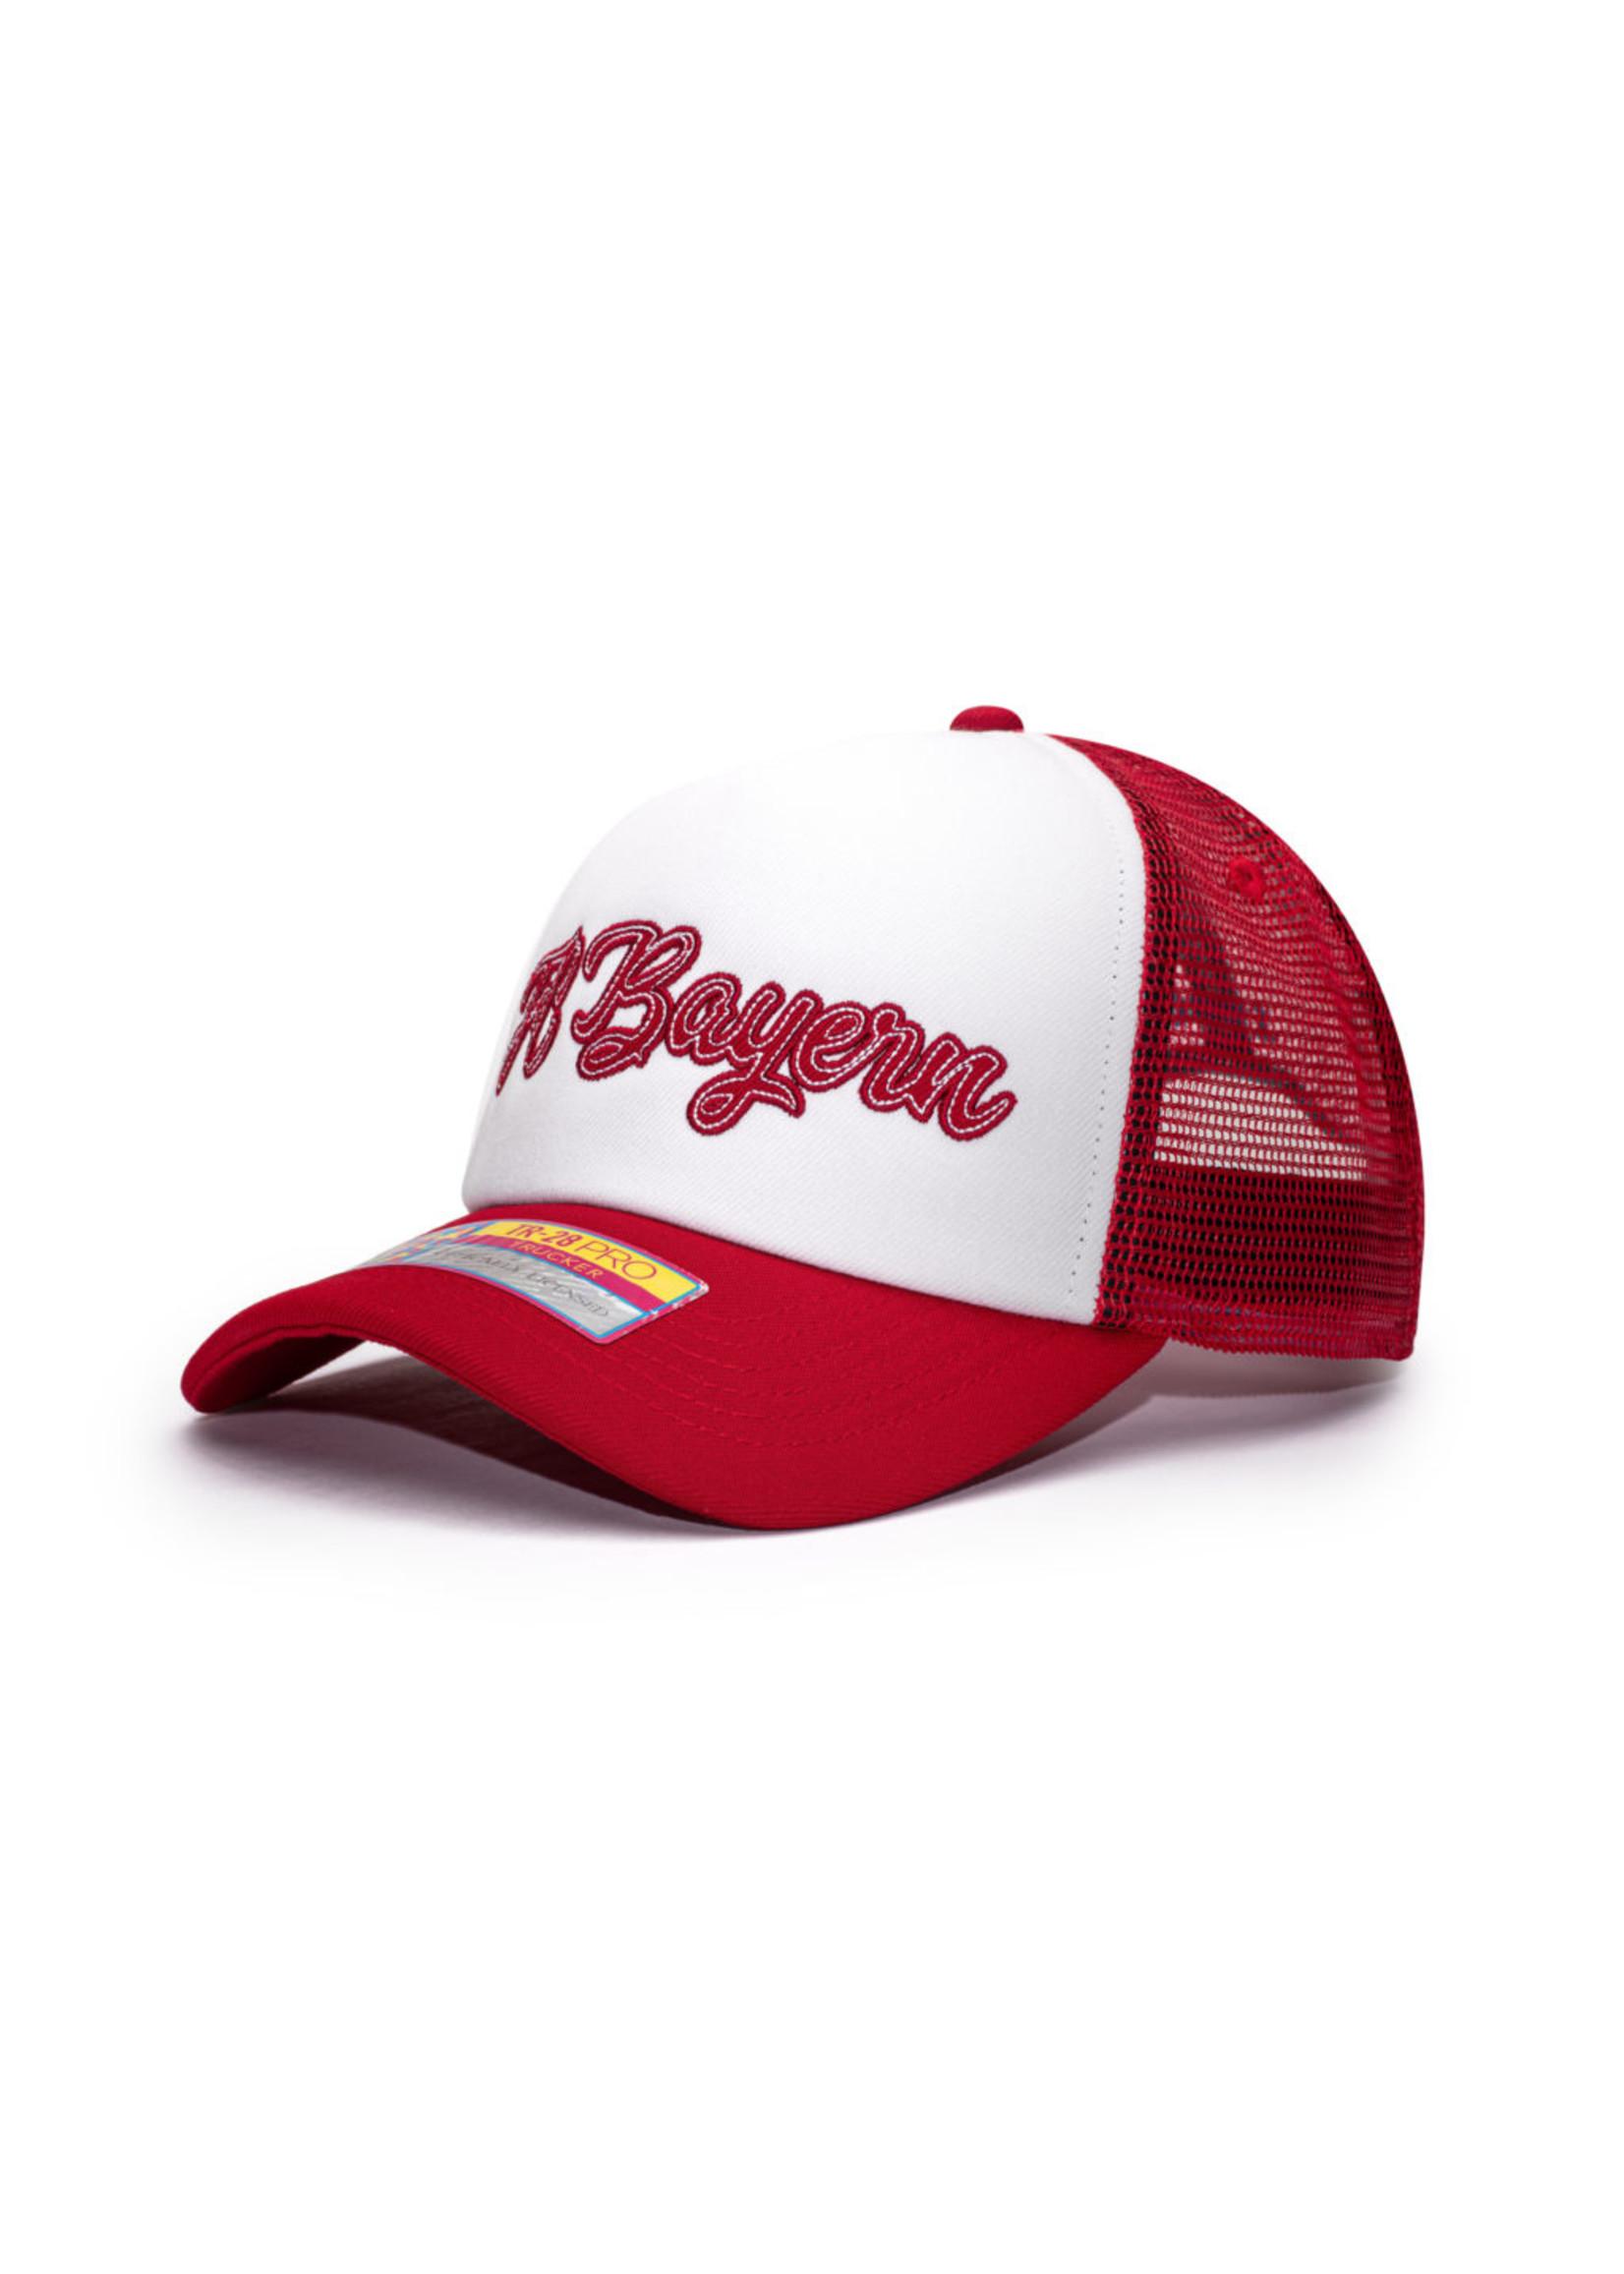 Bayern Munich Retro Trucker Hat